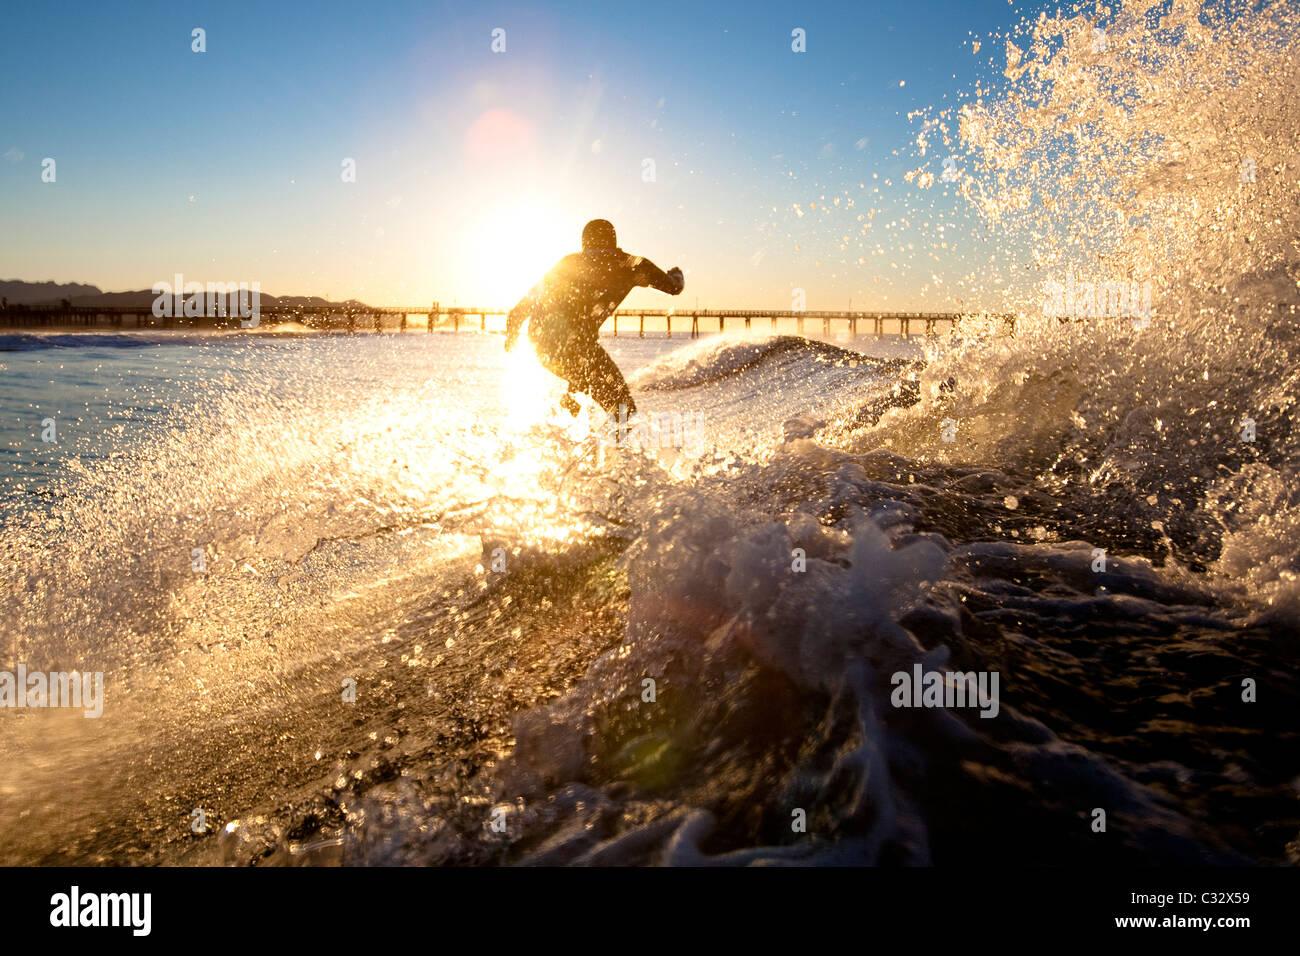 Un surfista establece para un aire mientras monta una ola en Puerto Hueneme Beach en la ciudad de Port Hueneme, Imagen De Stock